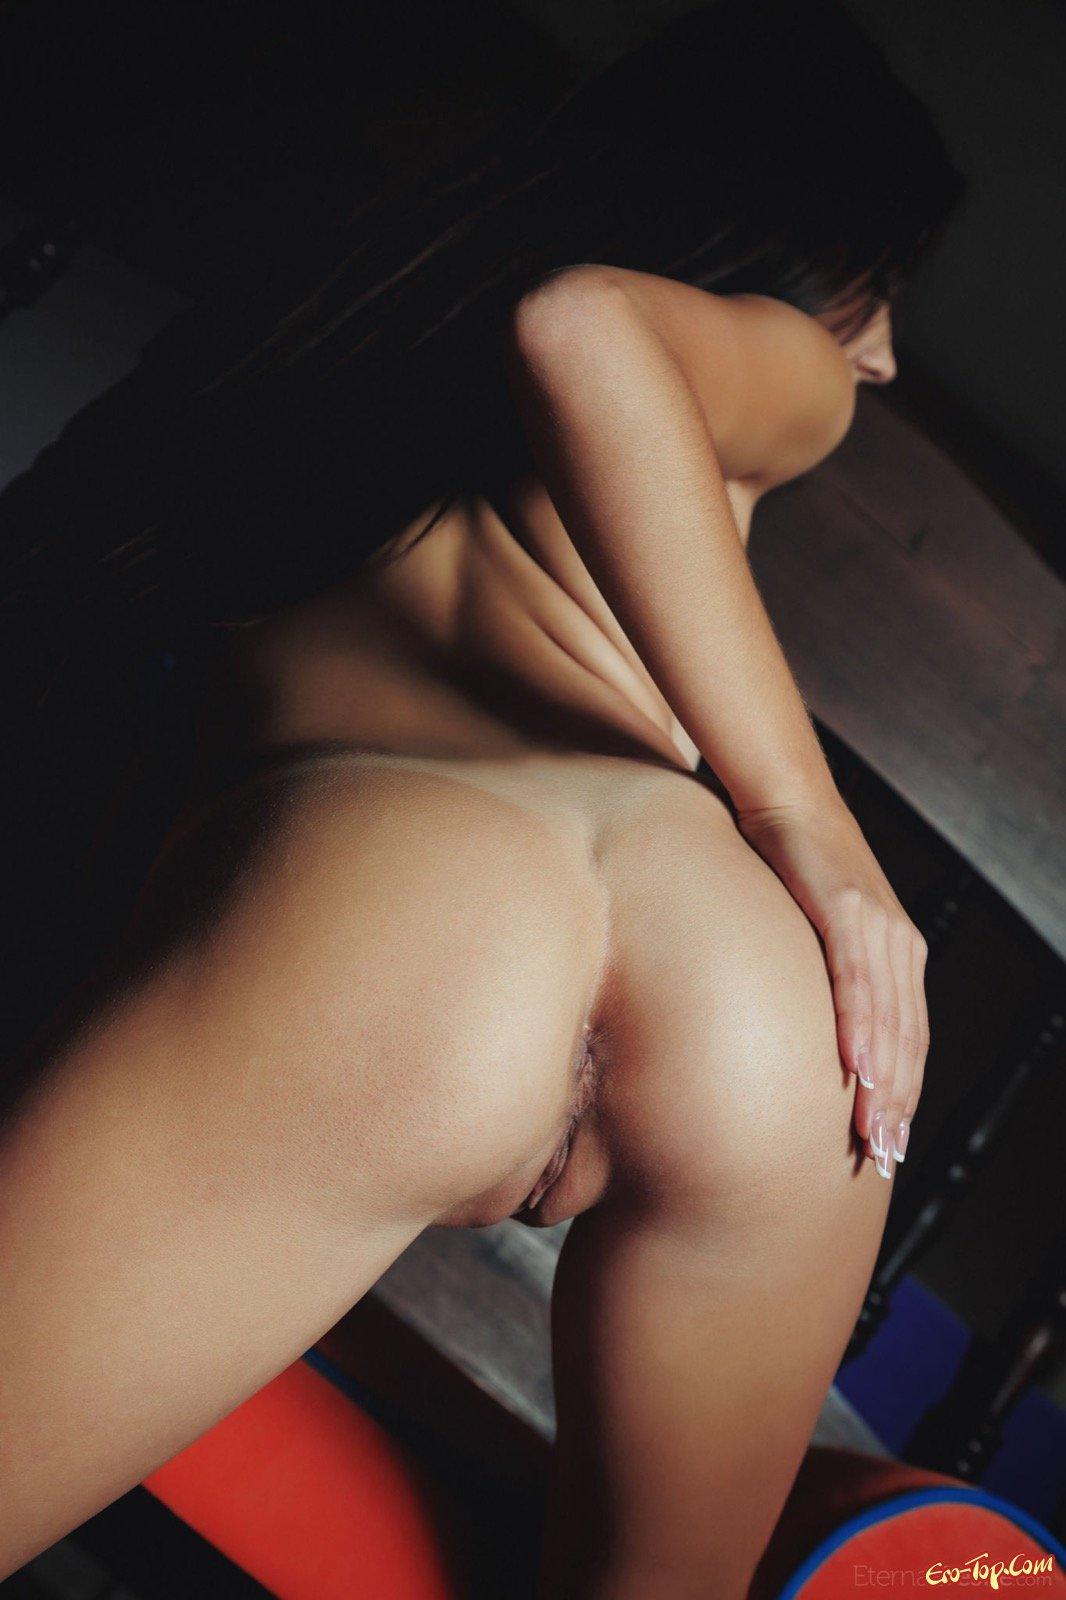 Роковая брюнеточка показала классную грудь